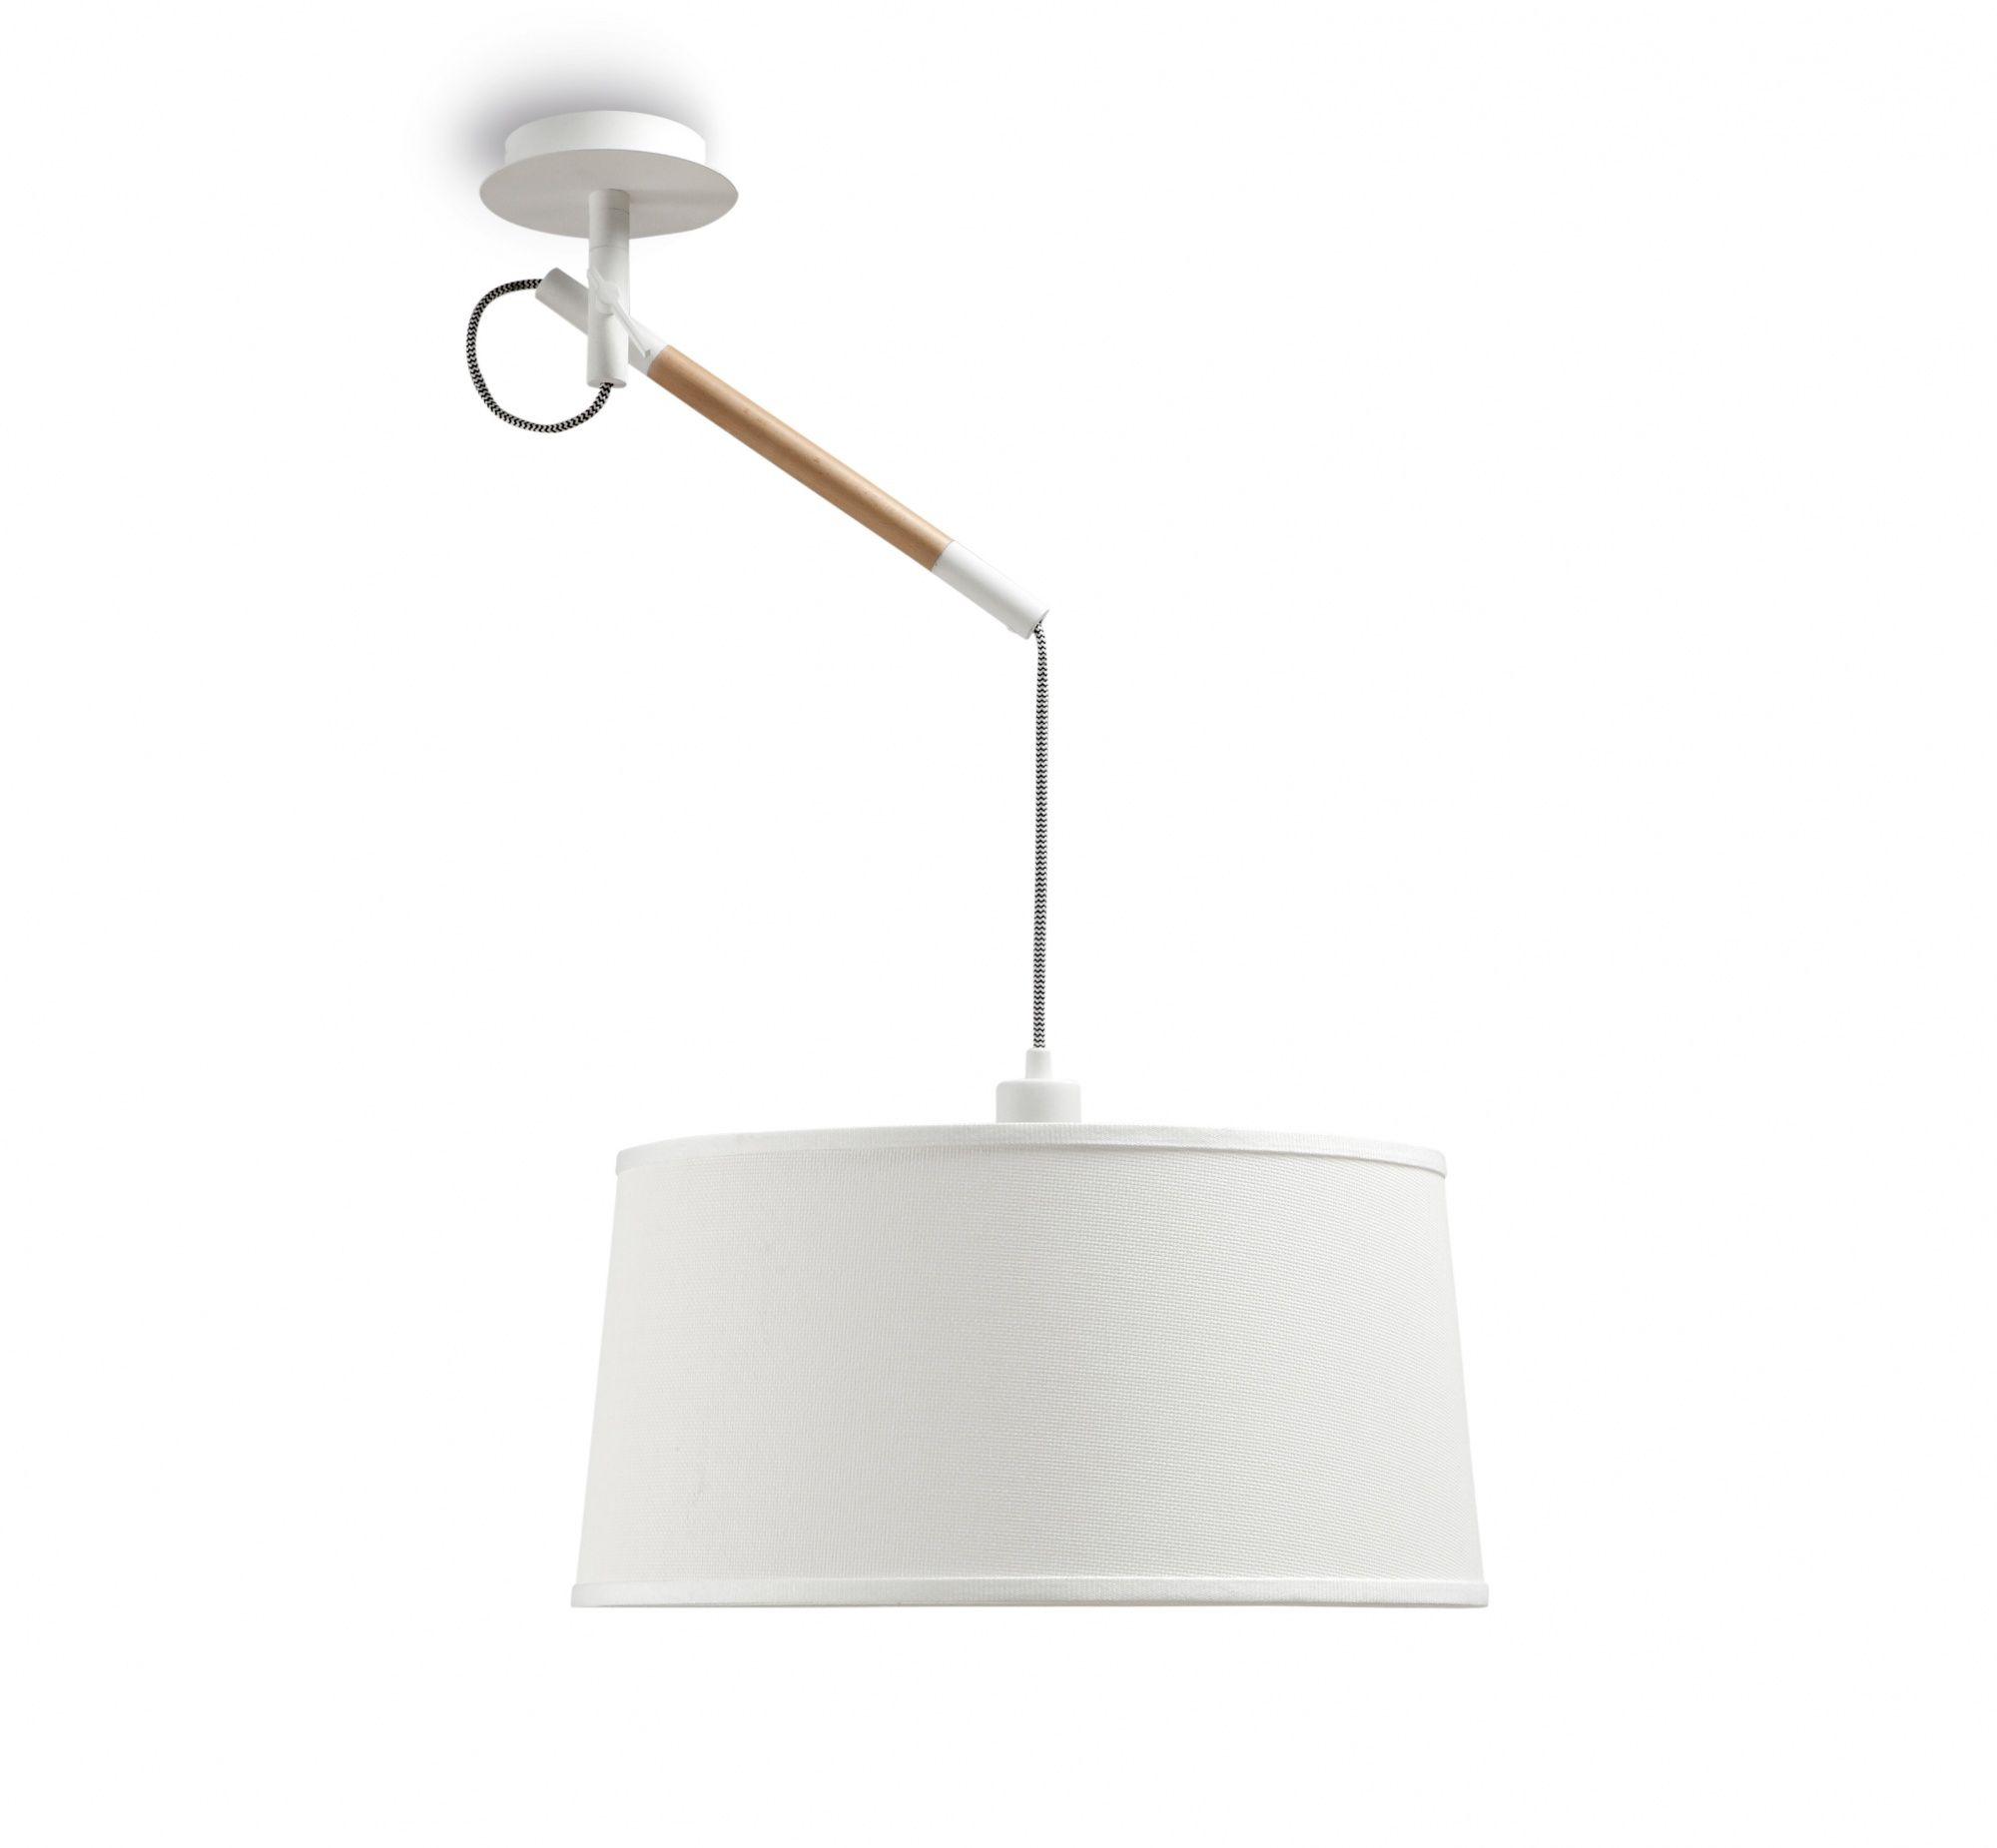 MANTRA NORDICA lampa wisząca 4928 | Sklep Centrum Światła